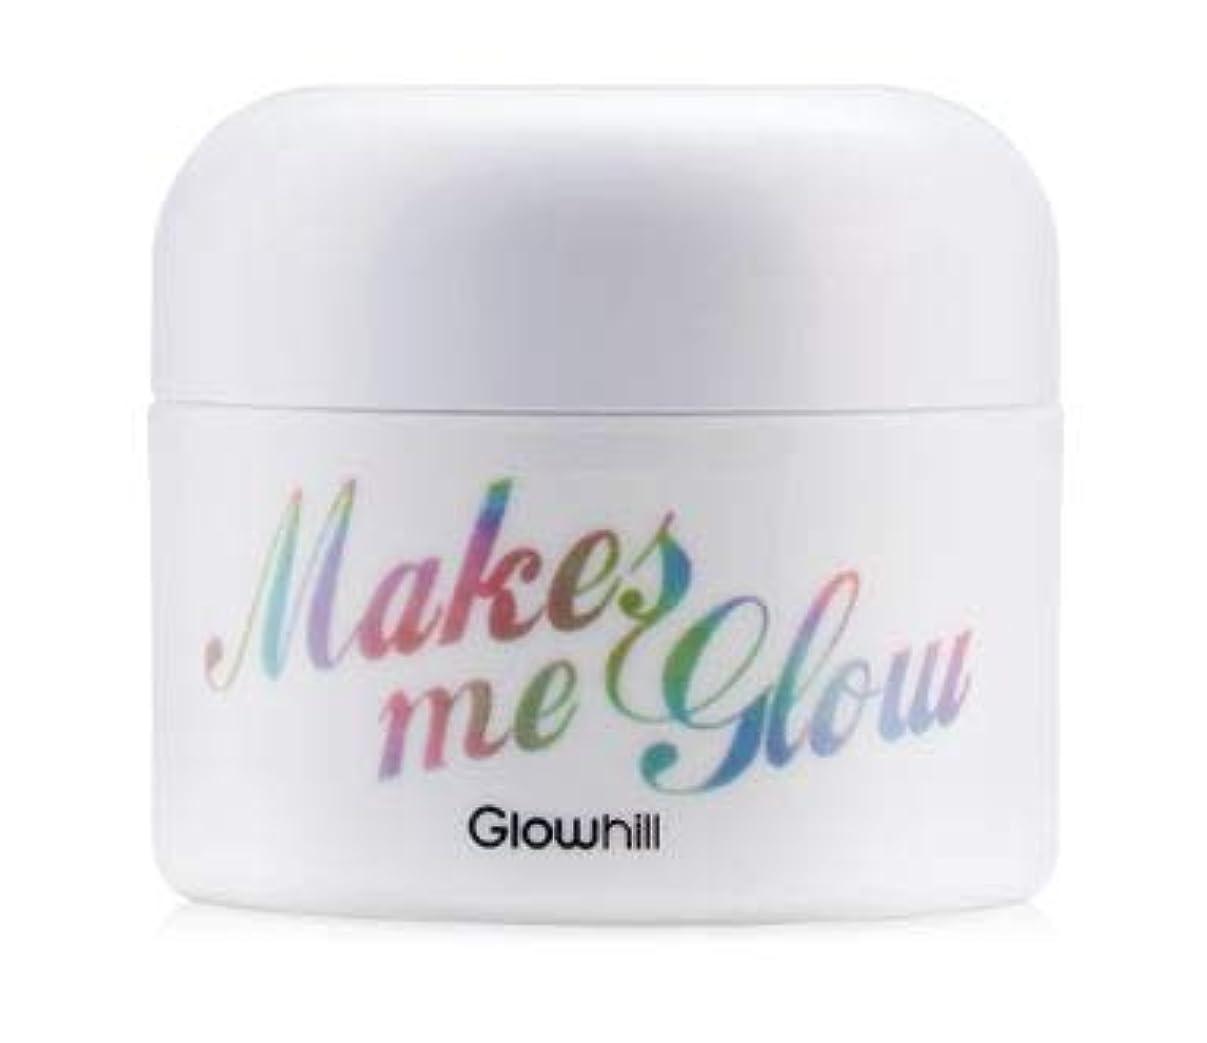 ゴムはっきりと私たちの[Glowhill] Aurora Whitehole Glow Mask / [グローヒル] オーロラホワイトホールグローマスク [並行輸入品]